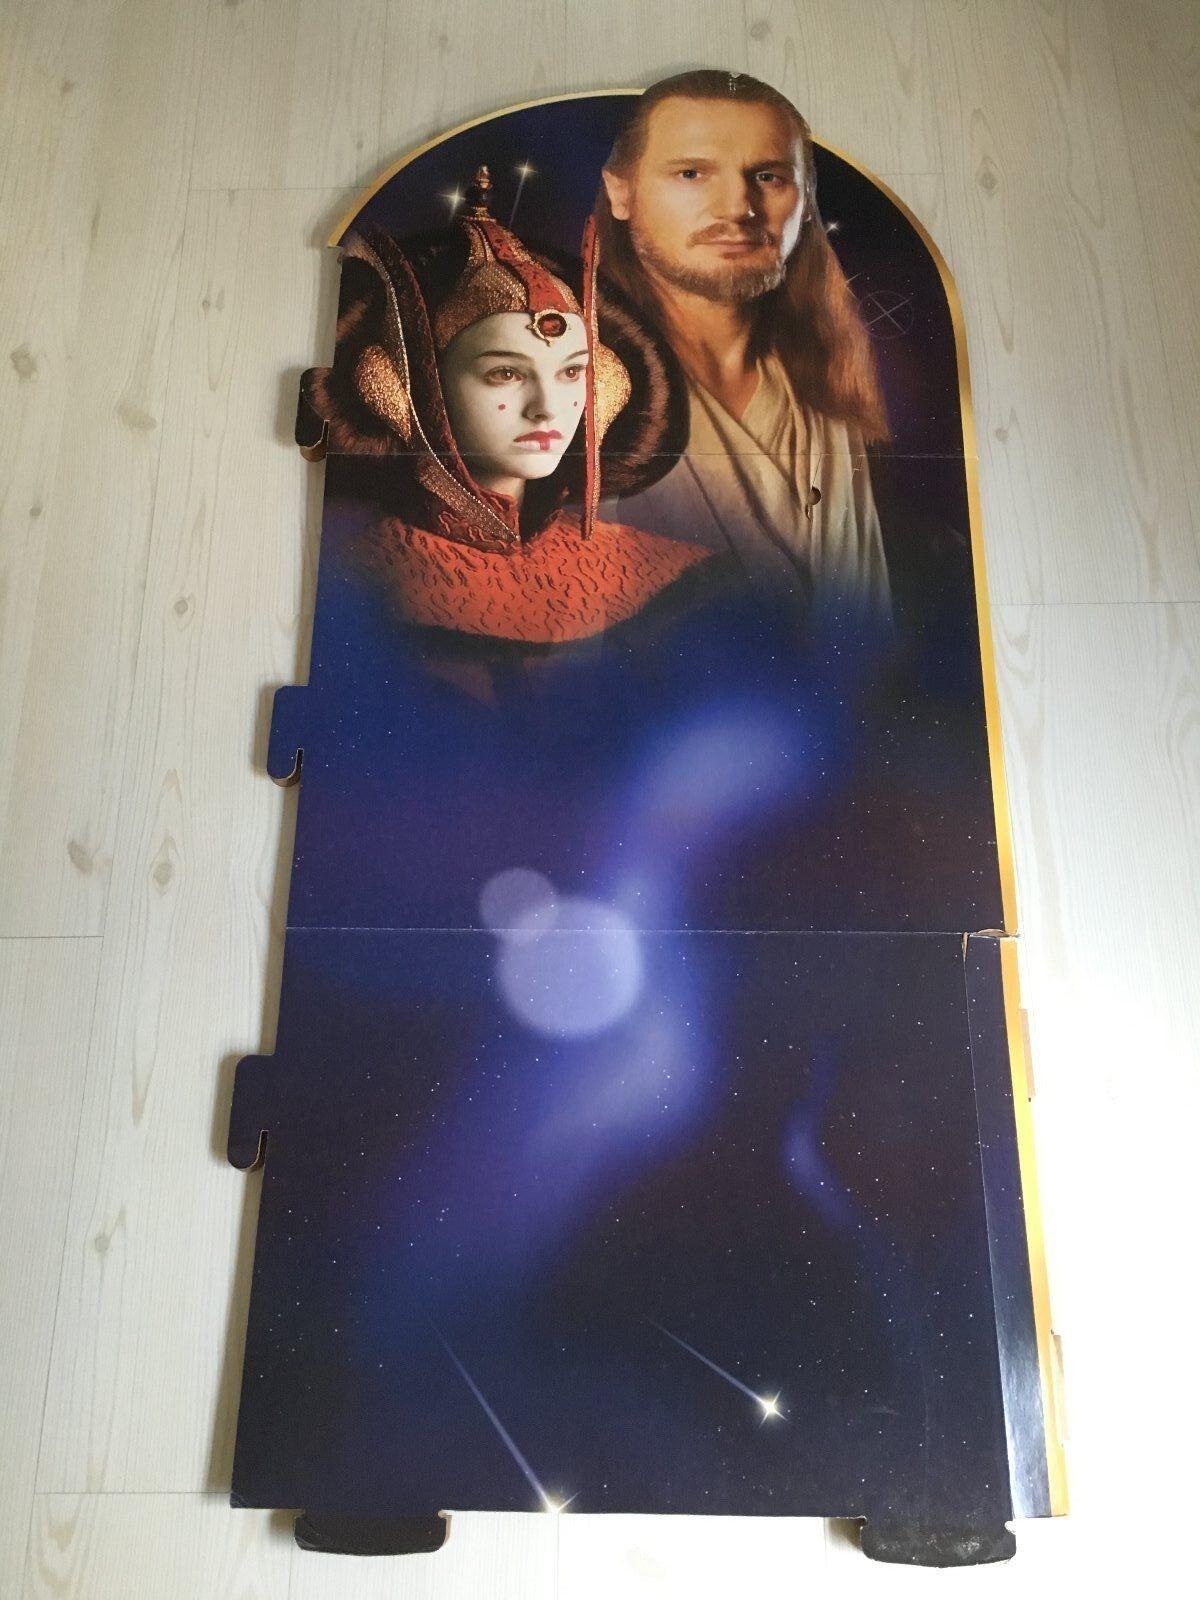 descuento de ventas en línea Pantalla Gigante De Estrella Wars Episodio I Reina Reina Reina Amidala & Qui Gon Yinn 53  X 24     Raro     ventas en linea